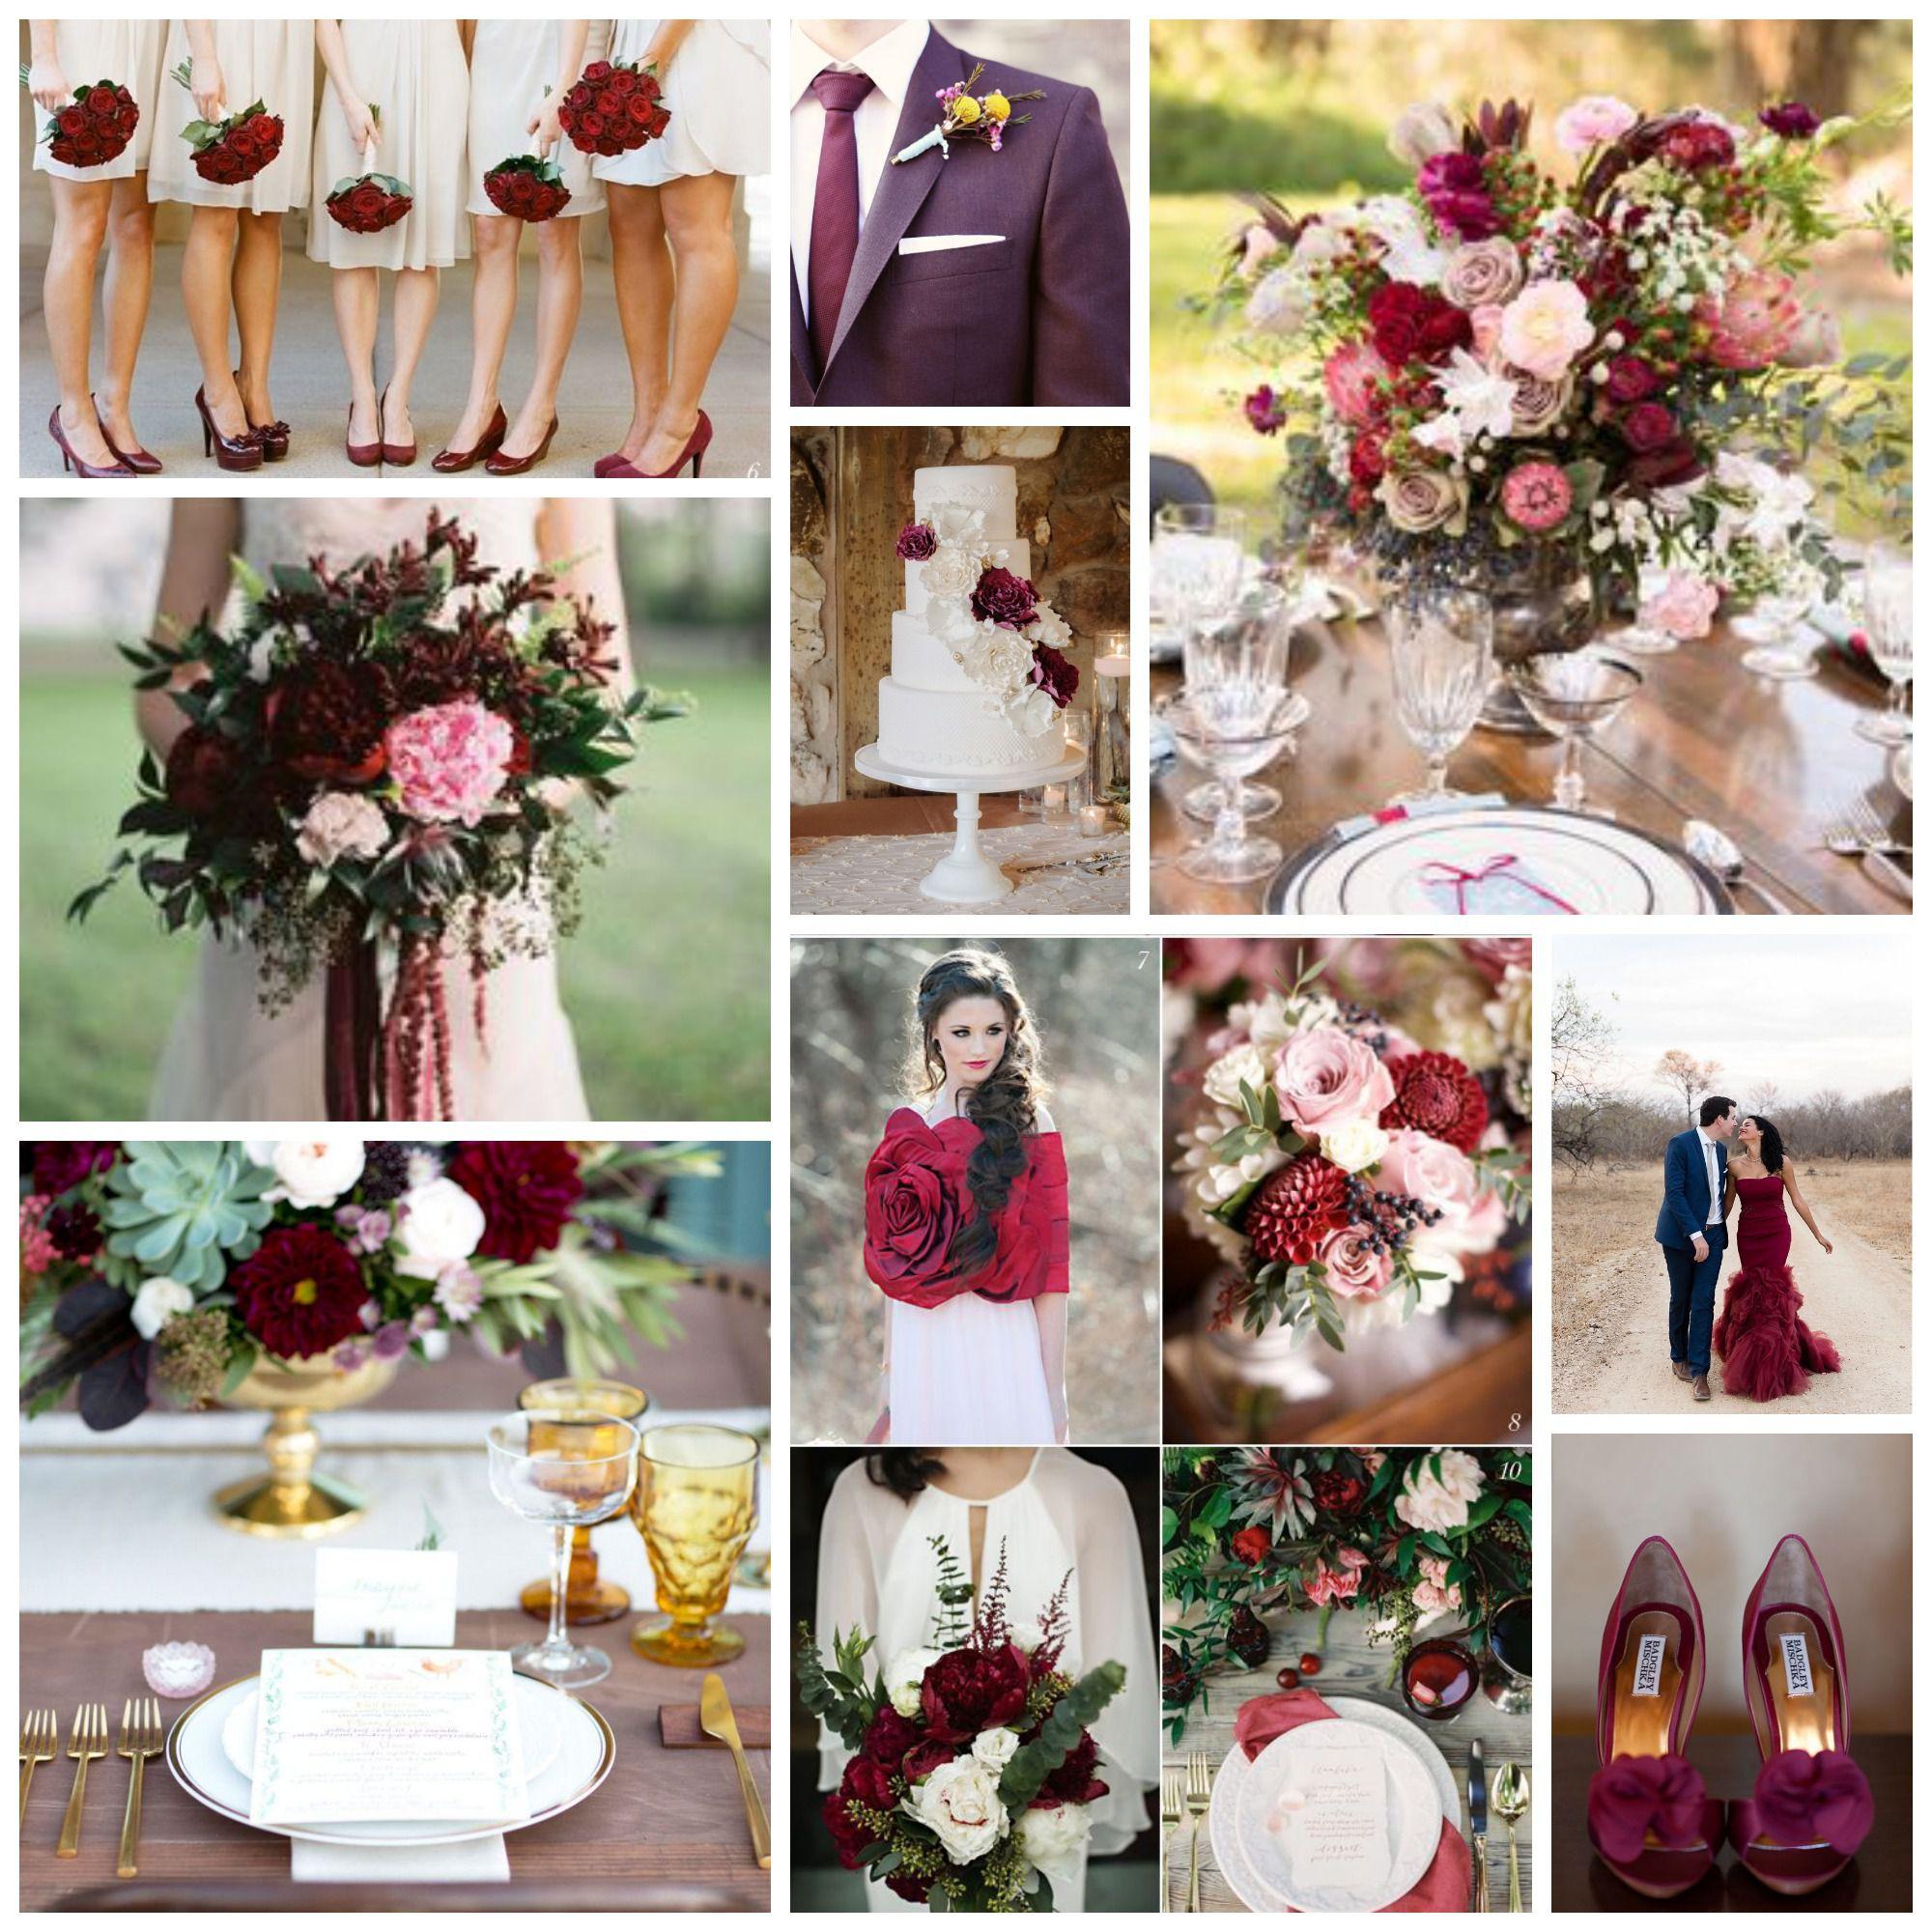 decoracao-de-casamento08 Decoração de casamento | CASAMENTANDO COM PRI VICENTE